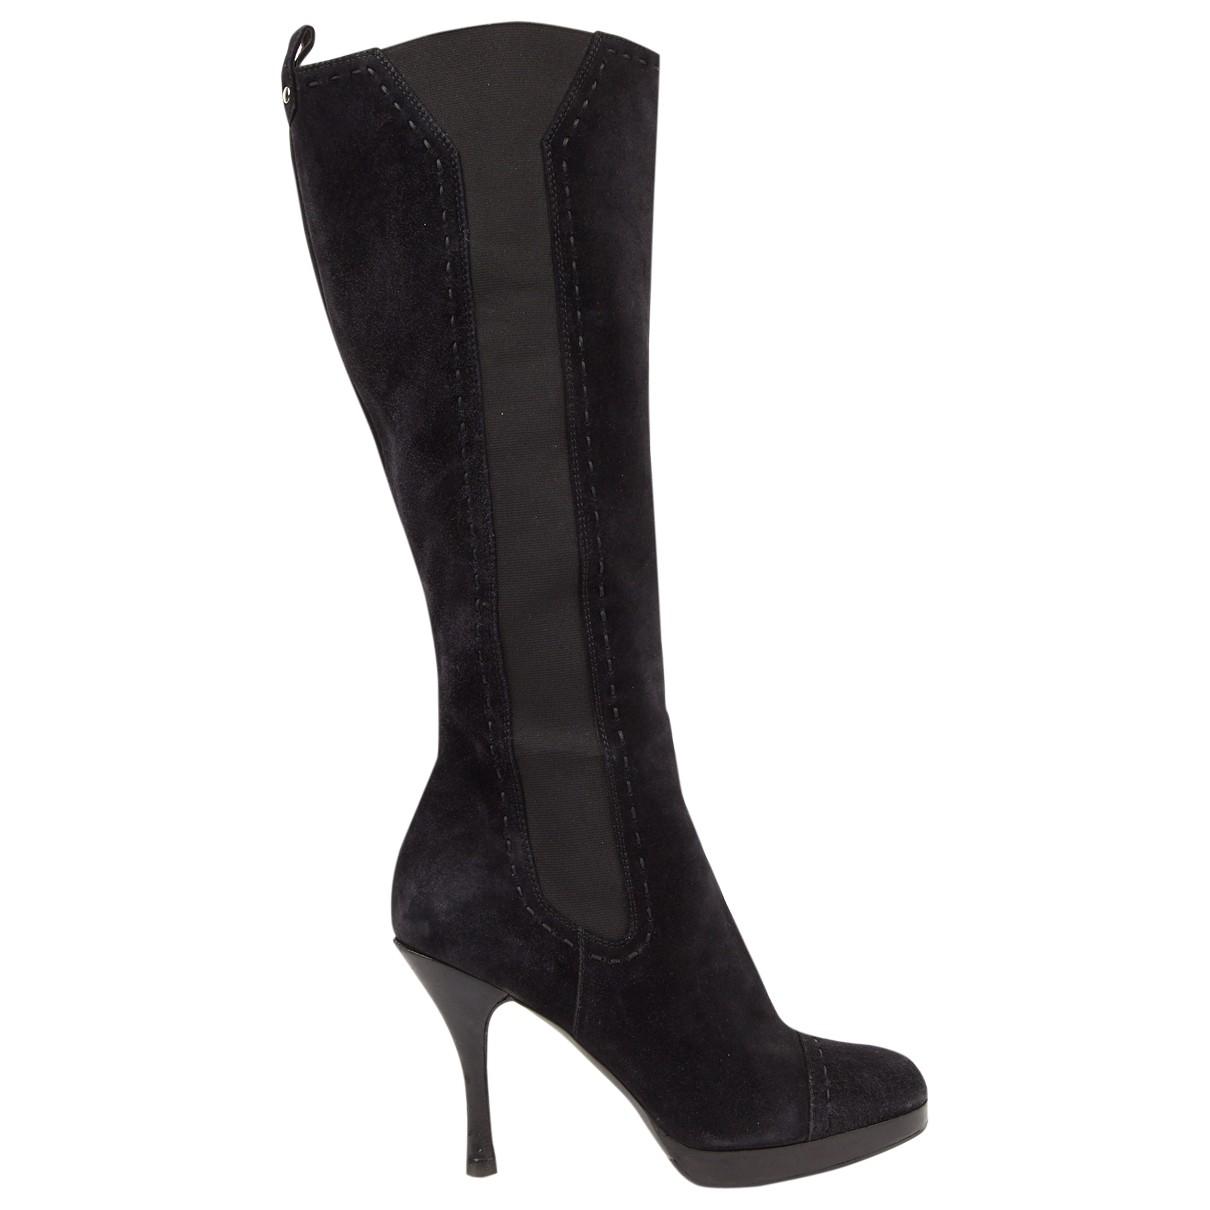 Yves Saint Laurent - Bottes   pour femme en suede - noir